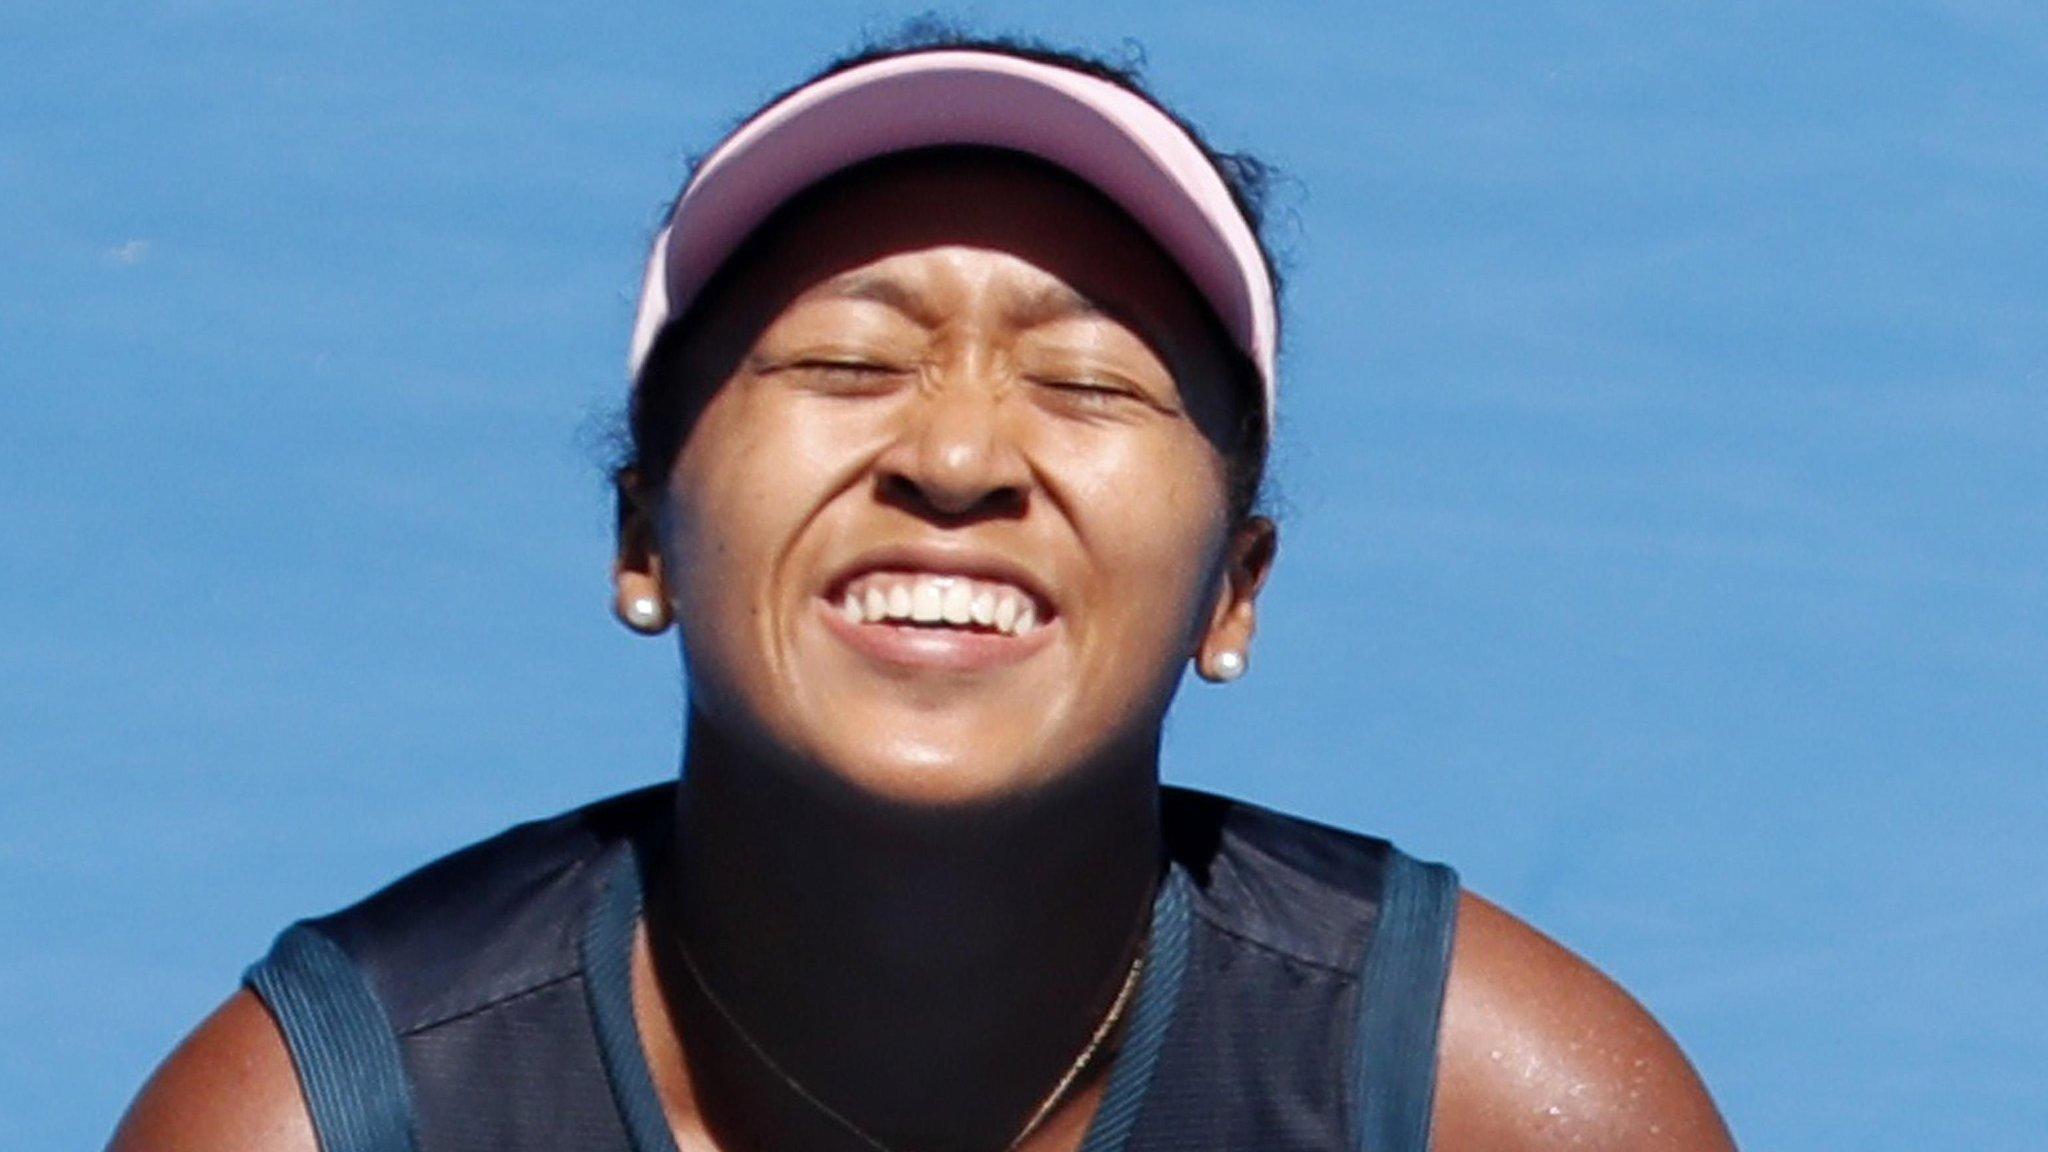 Australian Open 2019: Naomi Osaka & Elina Svitolina into quarter-finals